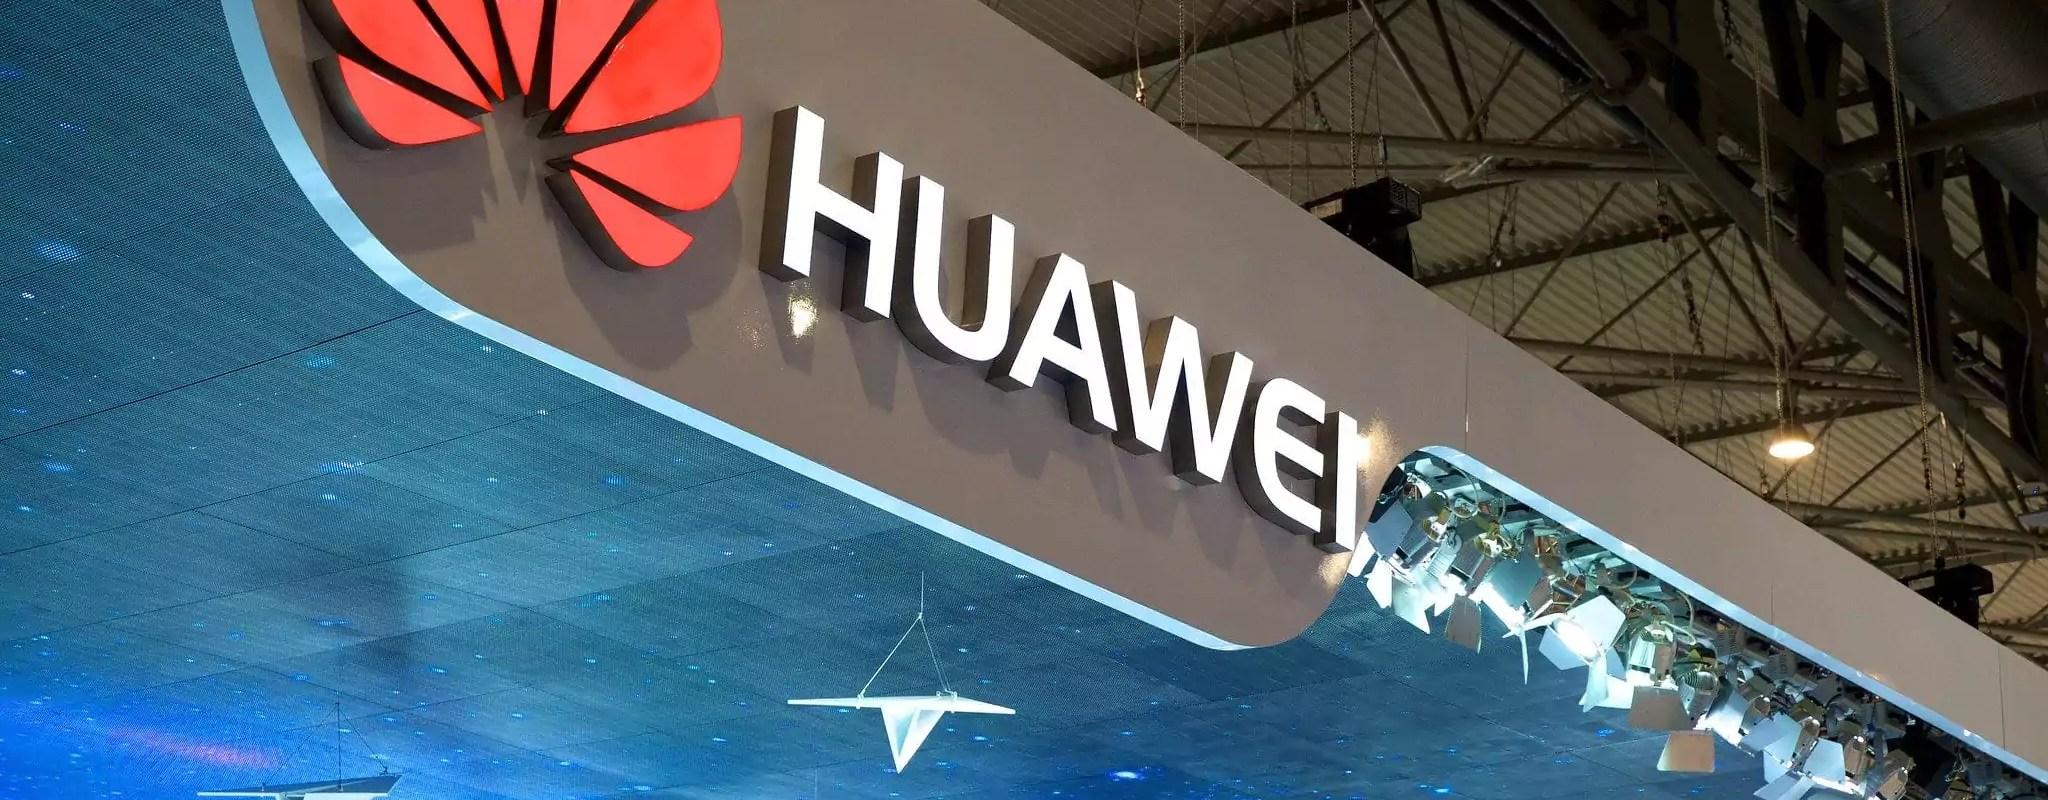 Huawei en Alsace, opération séduction pour accéder au marché européen de la 5G